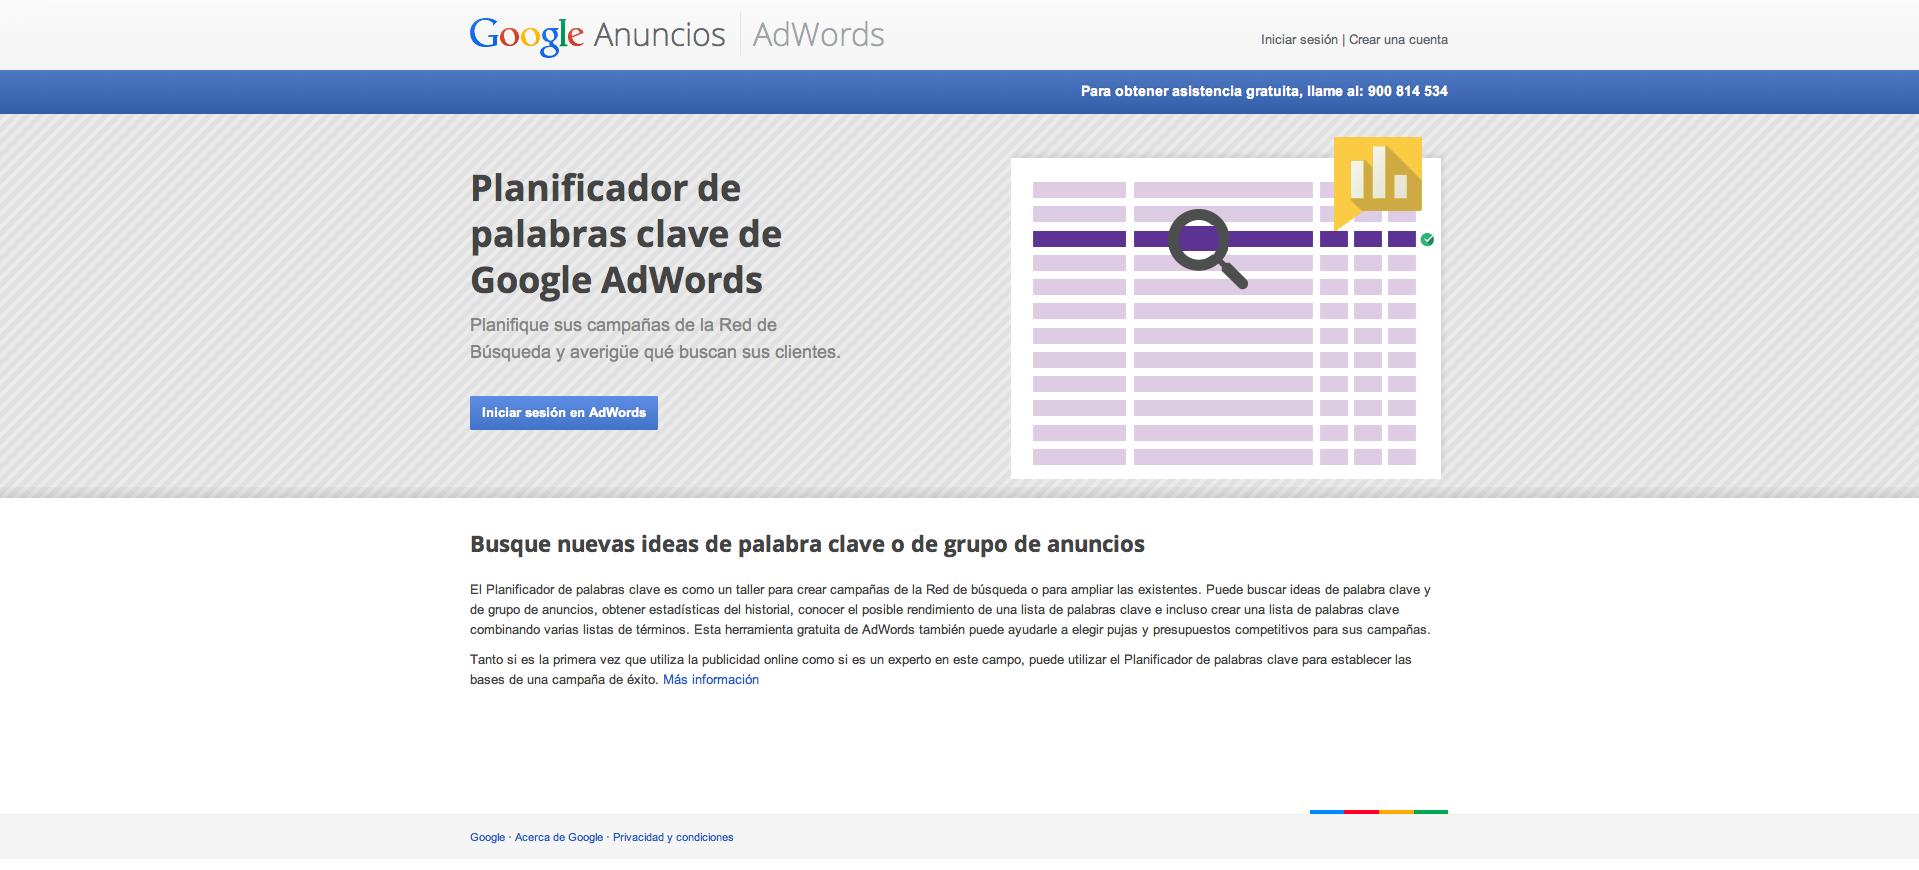 planificador_palabras_clave_google